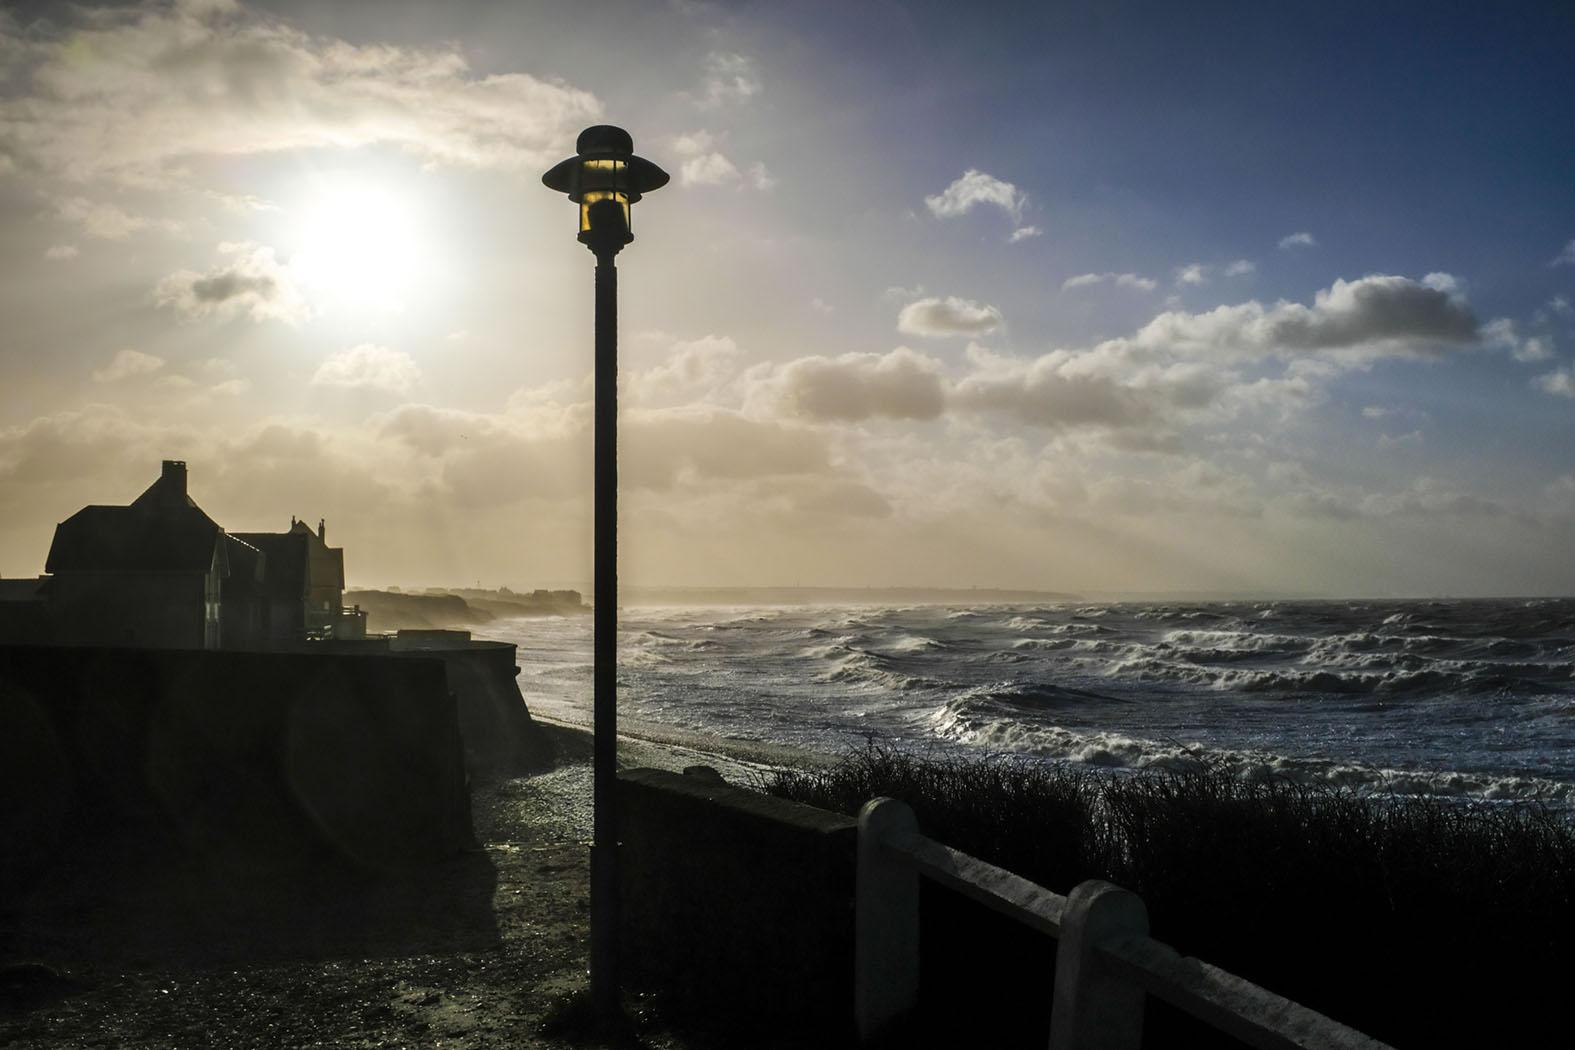 Stürmisches Wetter in Audresselles © Michael Kneffel